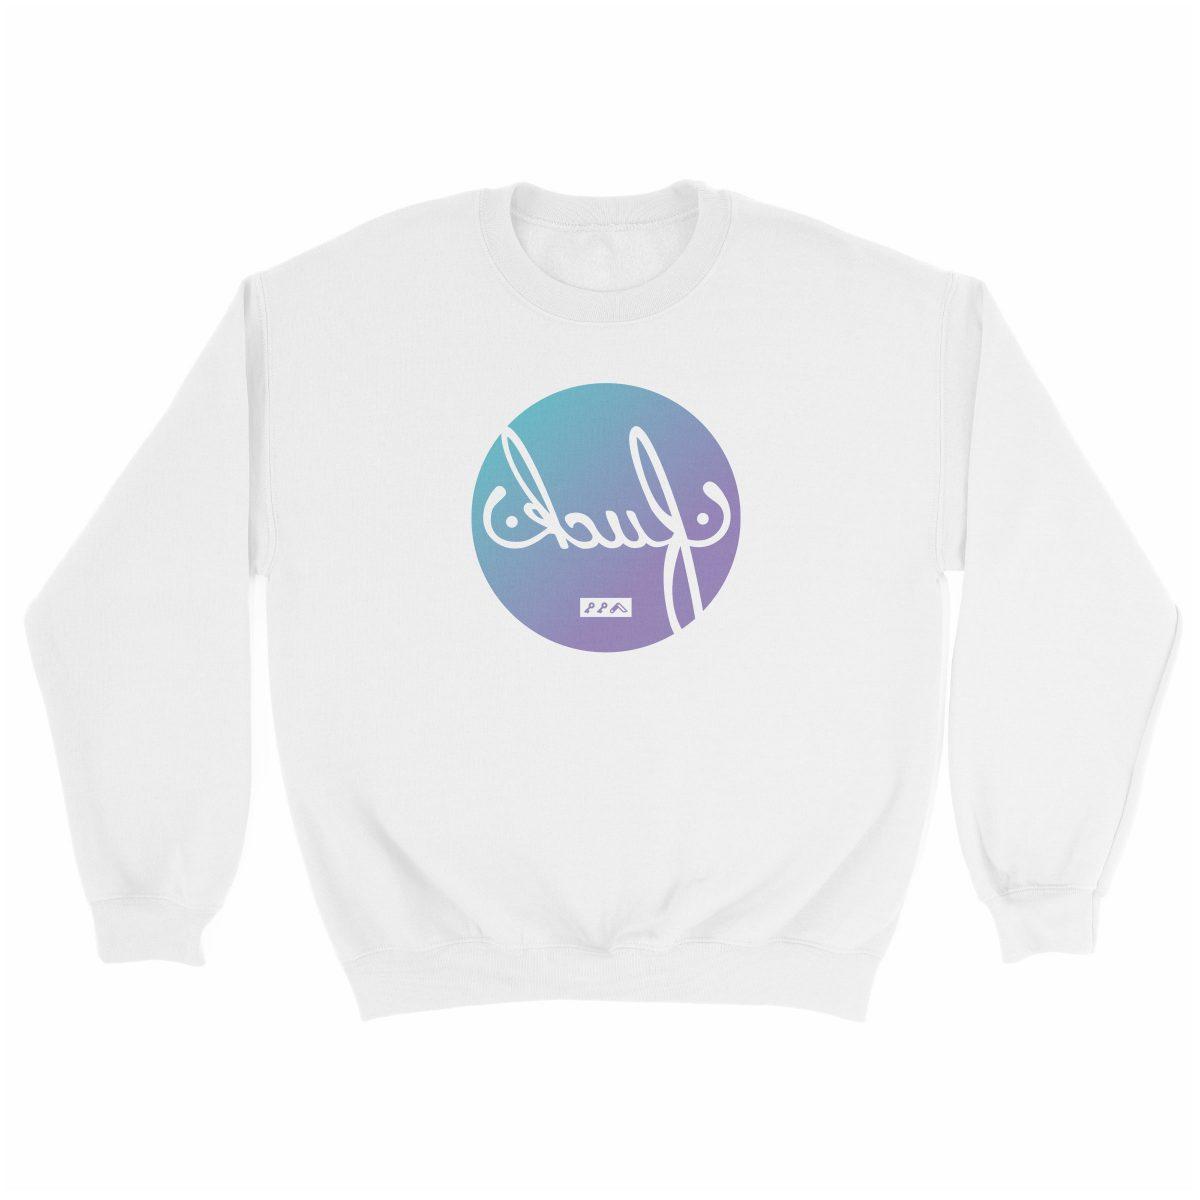 i give zero fucks sweatshirt white at kikicutt.com